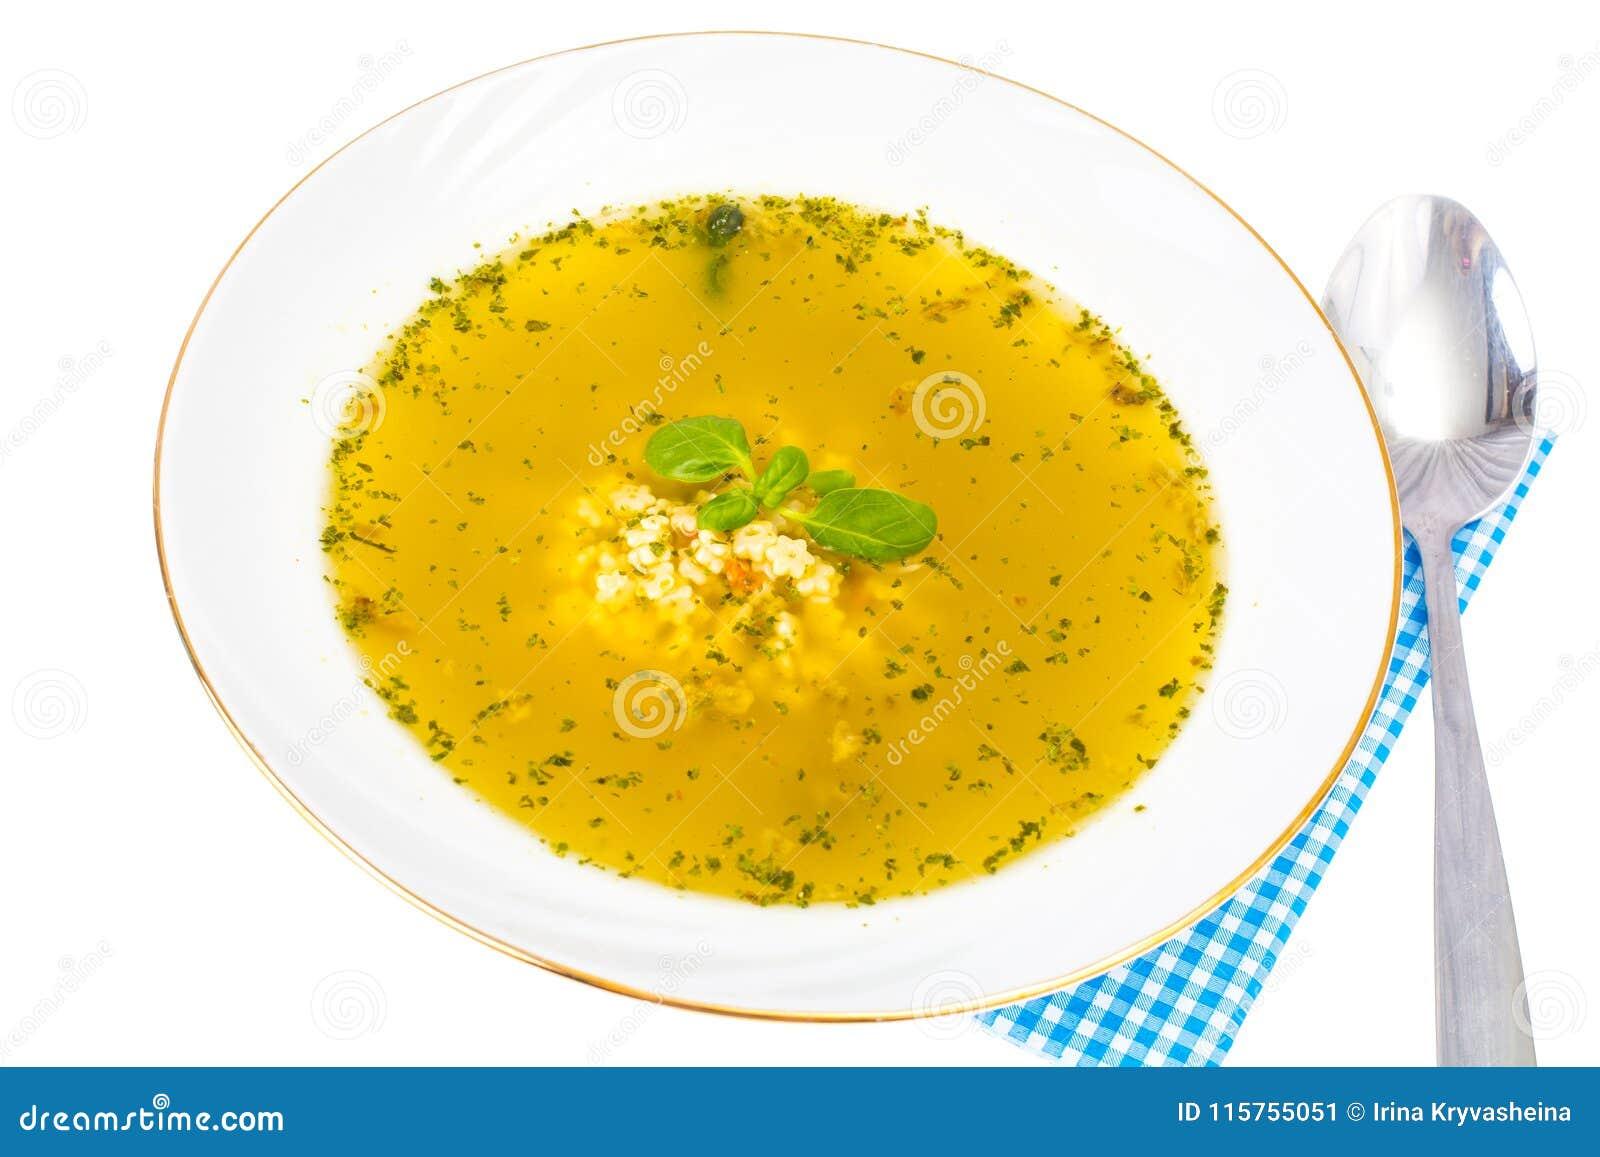 Macaroni τροφίμων ανασκόπησης μωρών ακατέργαστο λευκό σούπα ζυμαρικών κοτόπου&lambda